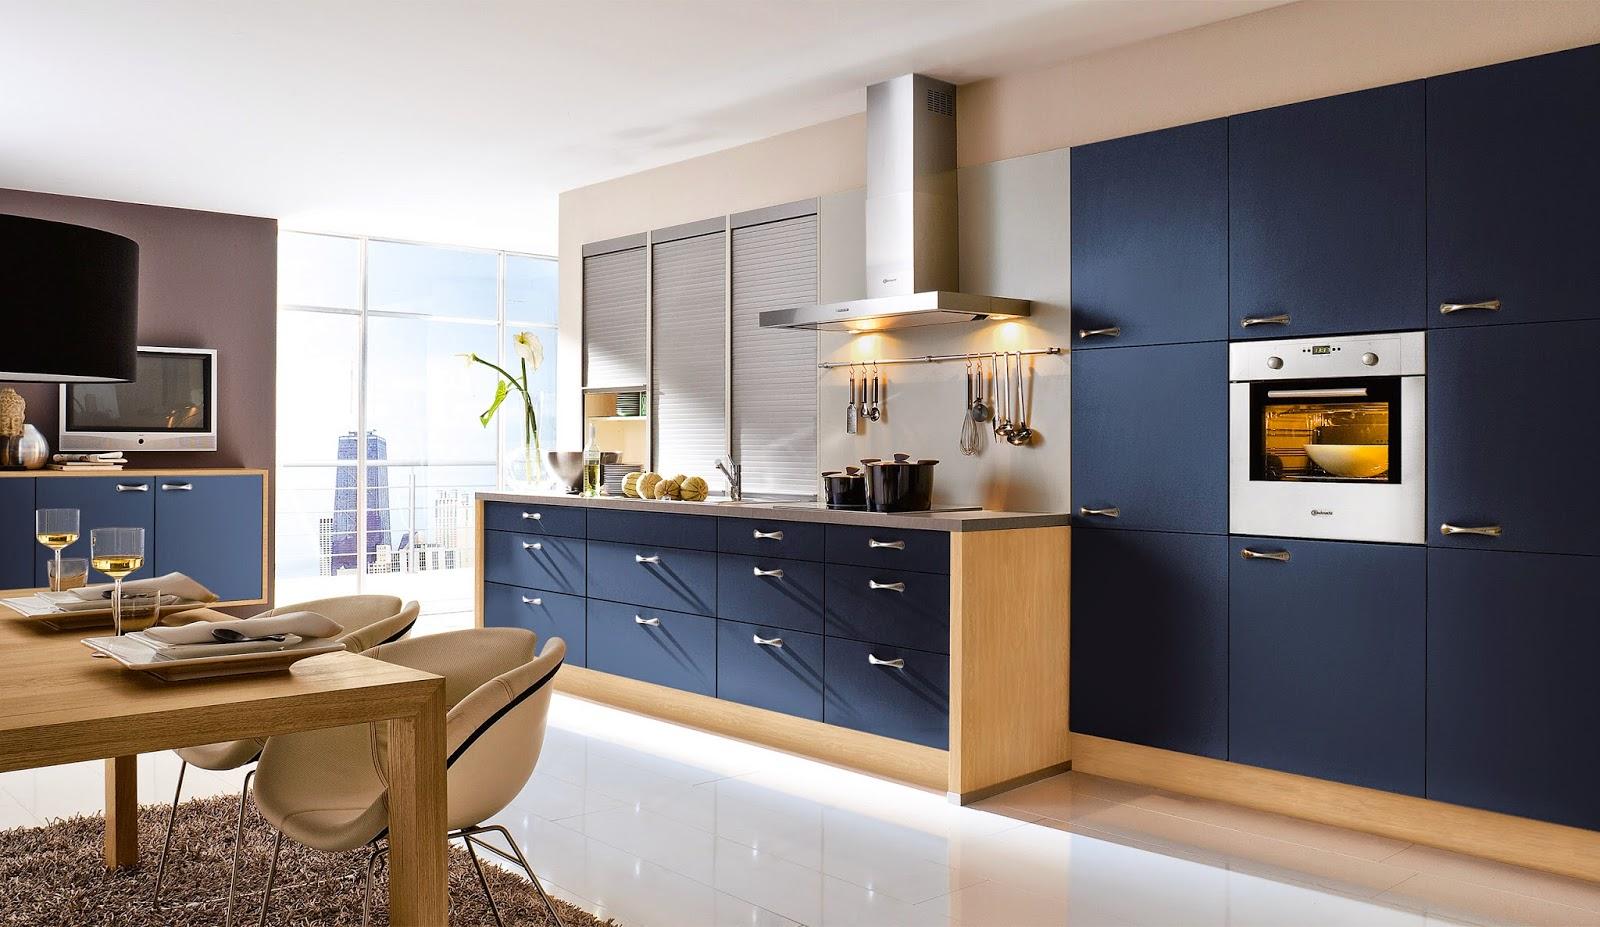 10 fotos de cocinas azules colores en casa - Cocina blanca y azul ...